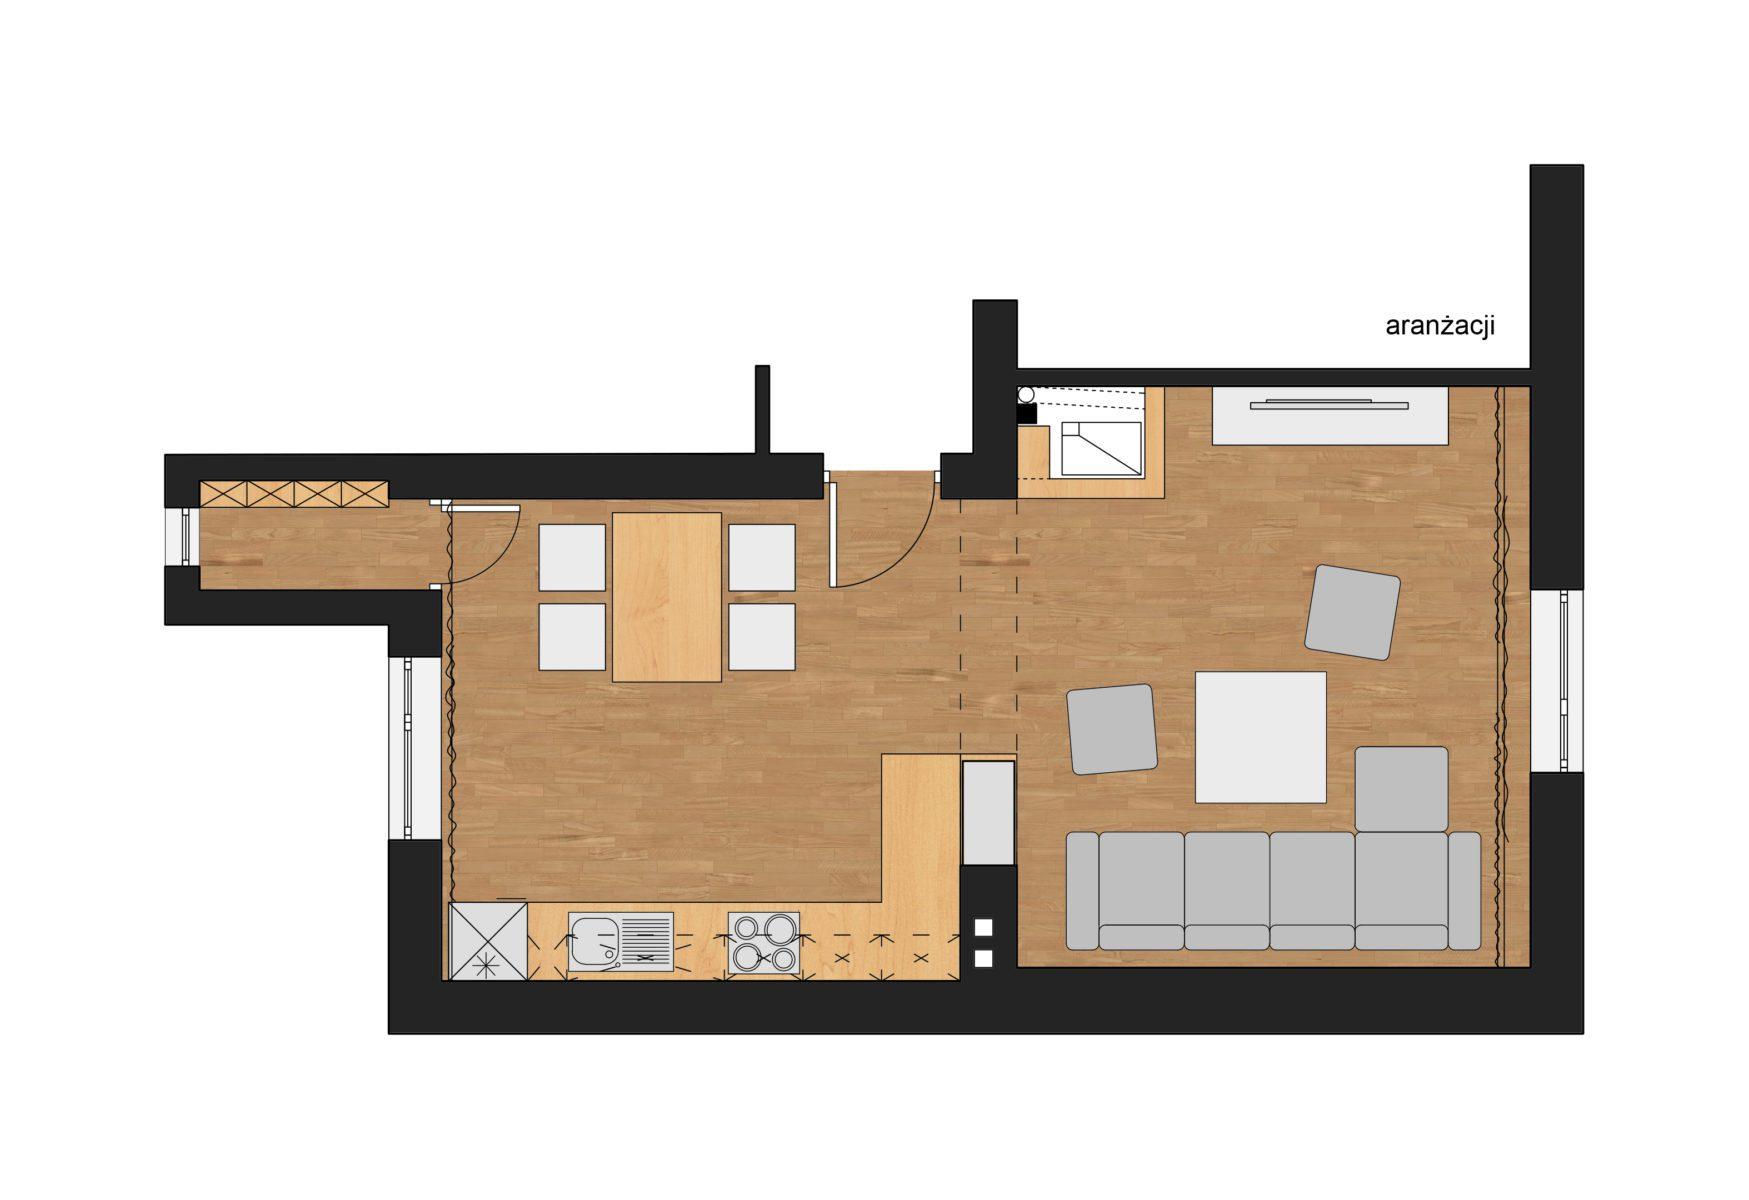 Projekt aranżacji kuchni i salonu